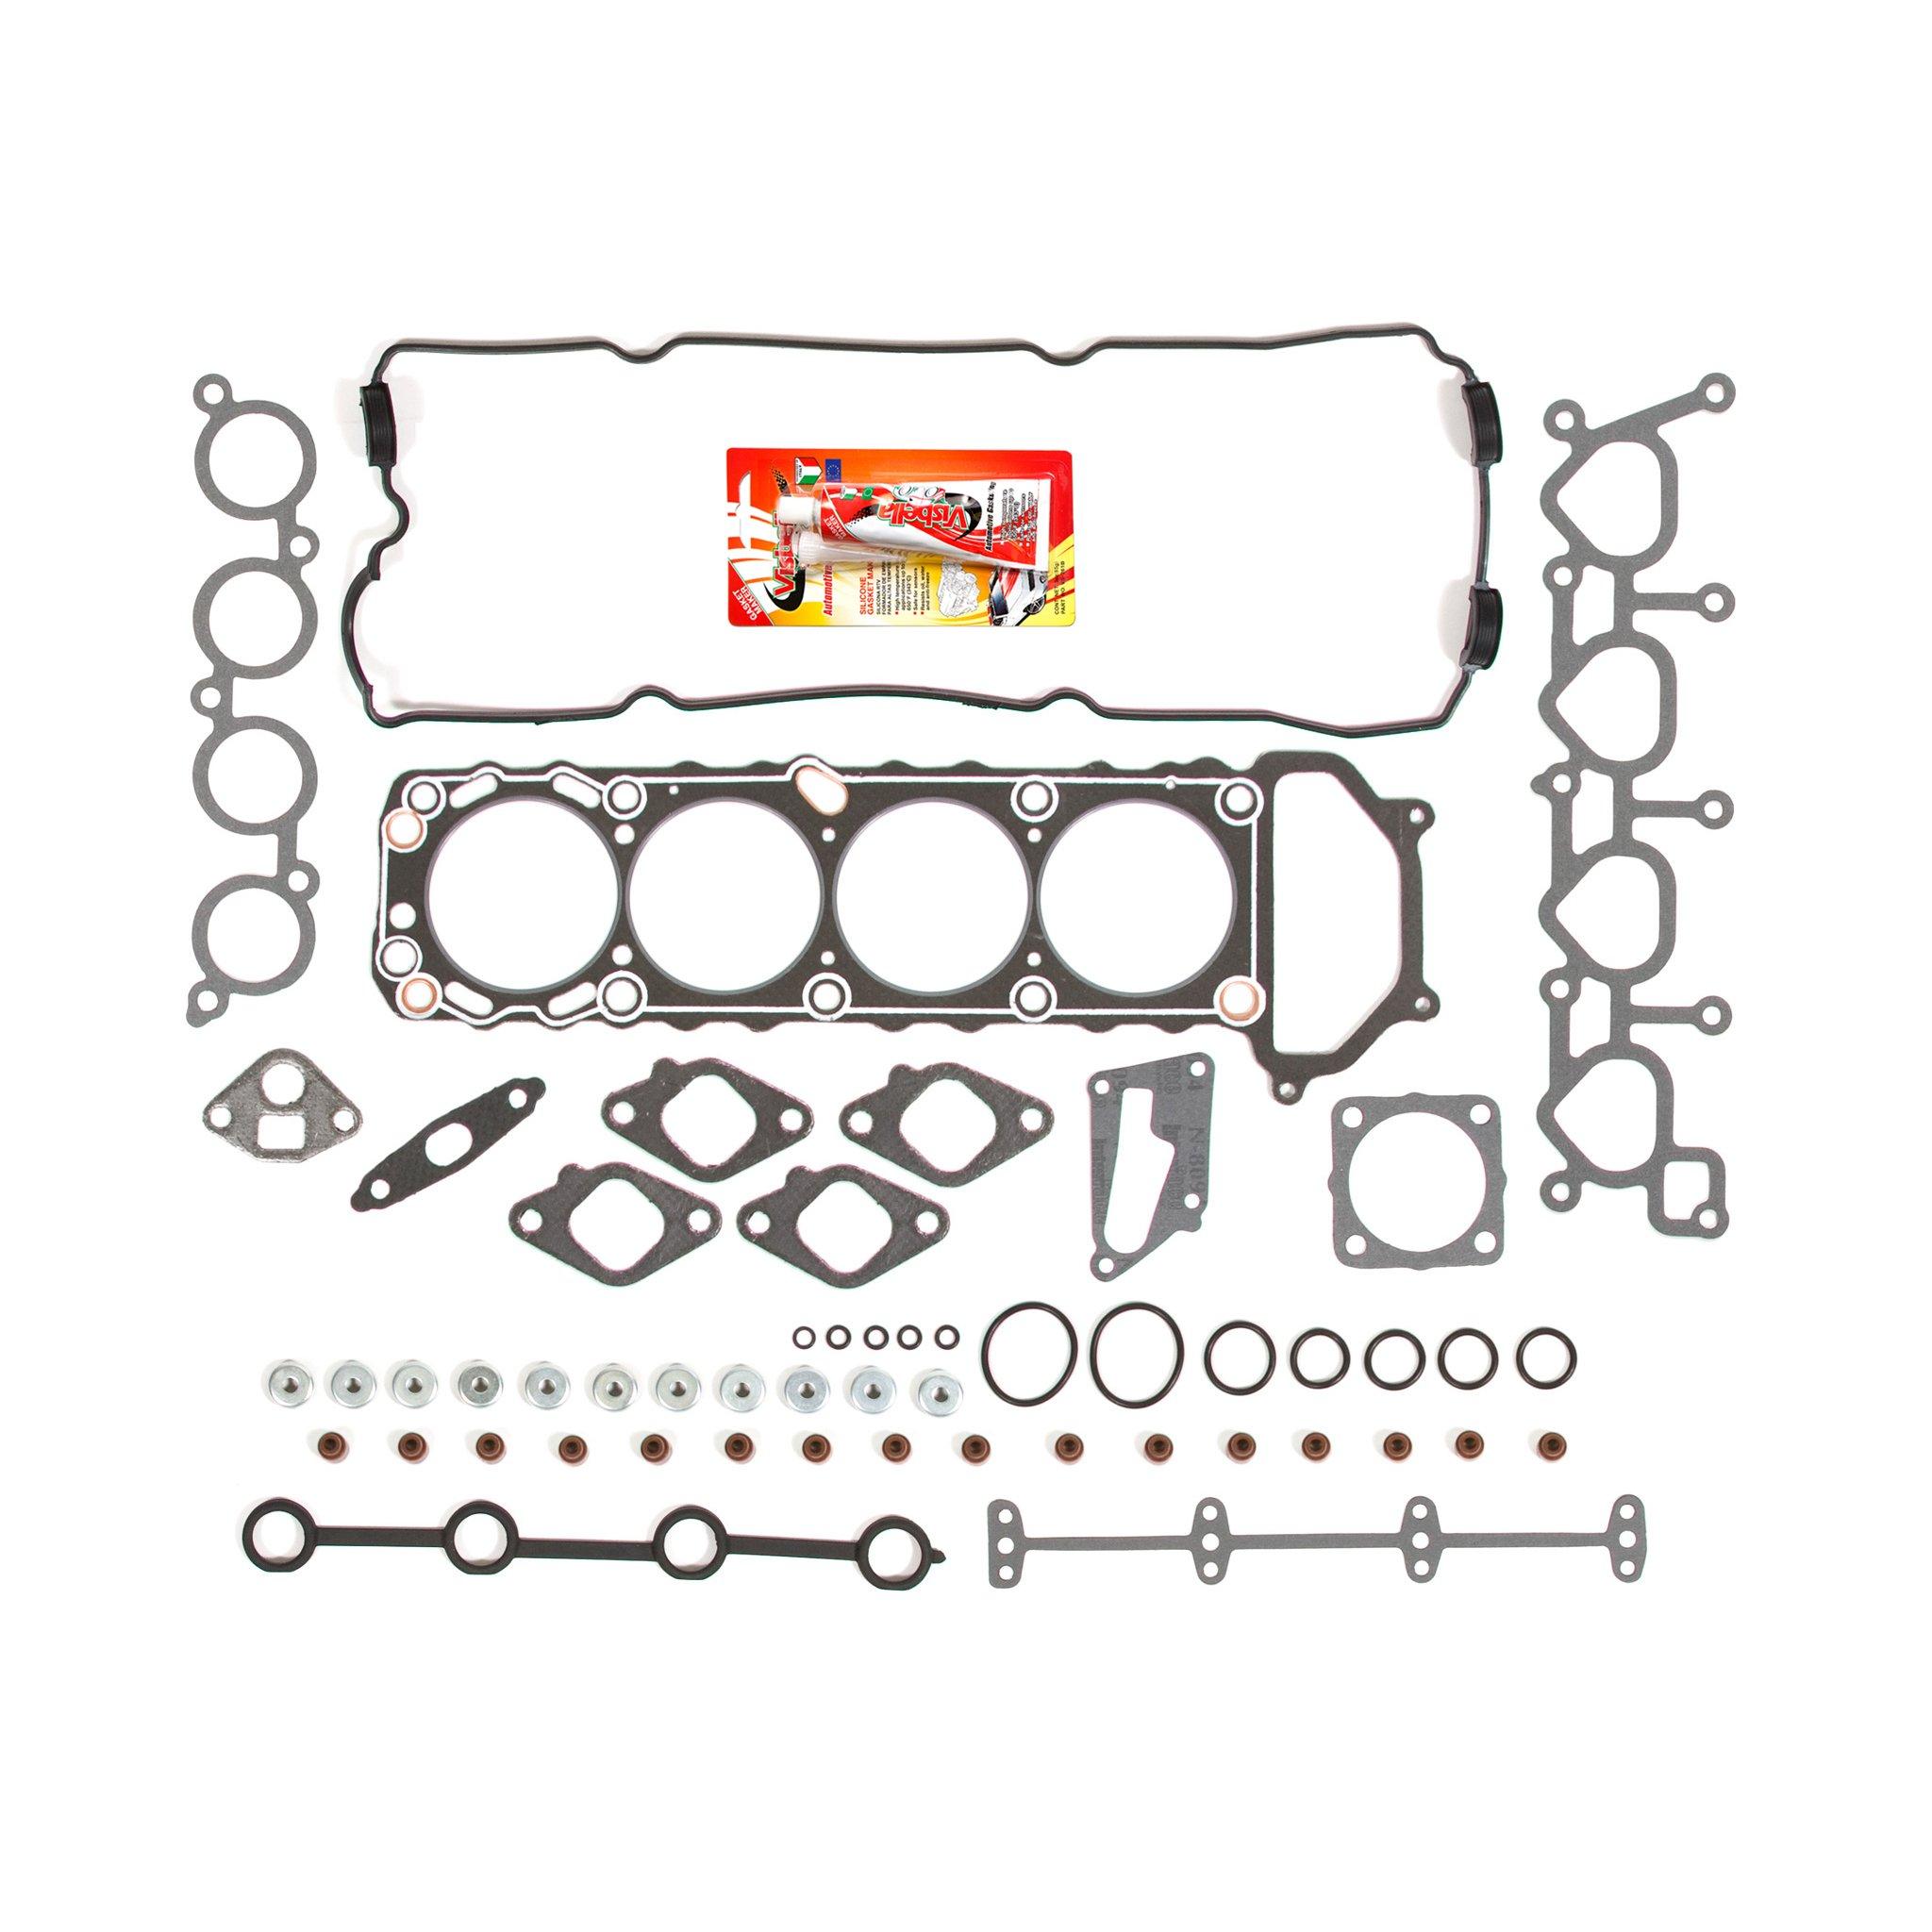 93 01 Nissan 2 4 Dohc 16v Ka24de Head Gasket Set